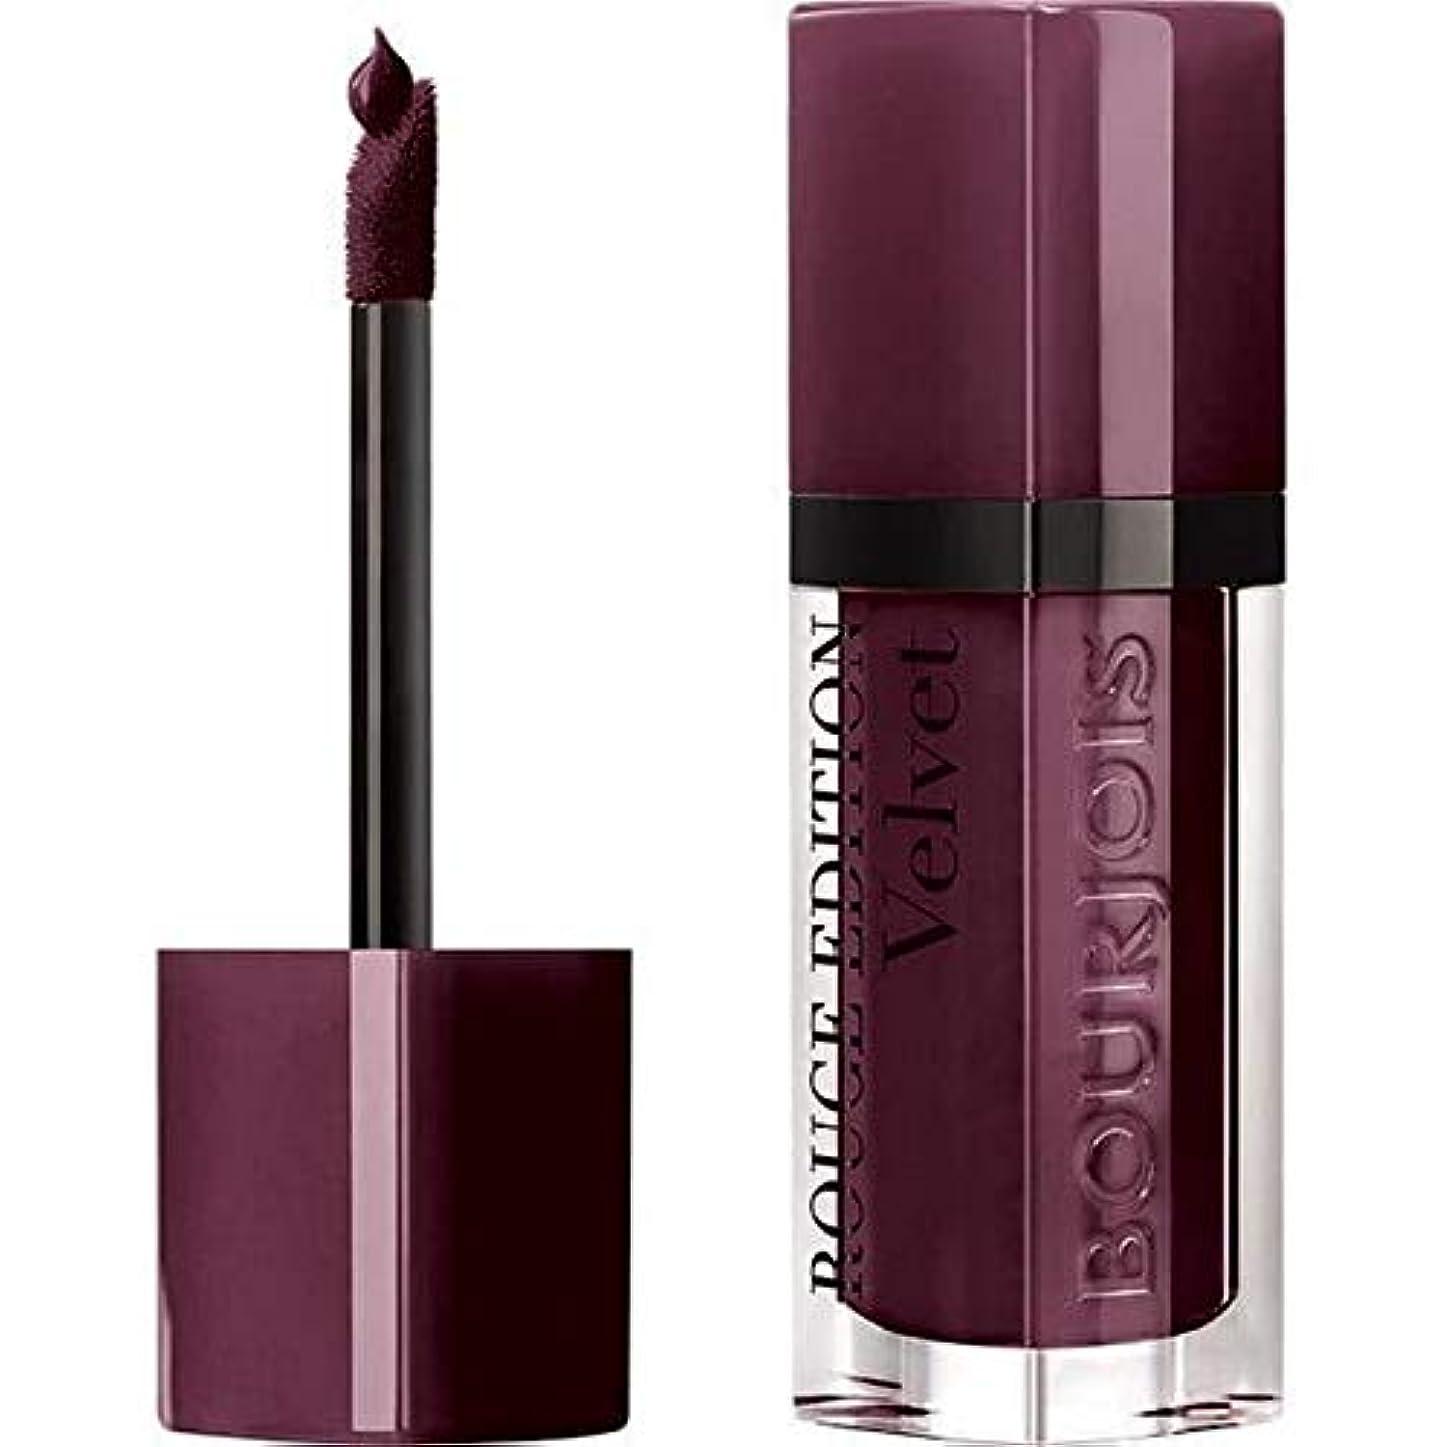 敵対的続けるマージ[Bourjois ] ブルジョワ口紅ルージュ版のベルベットのシックな25ベリー - Bourjois Lipstick Rouge Edition Velvet 25 Berry Chic [並行輸入品]